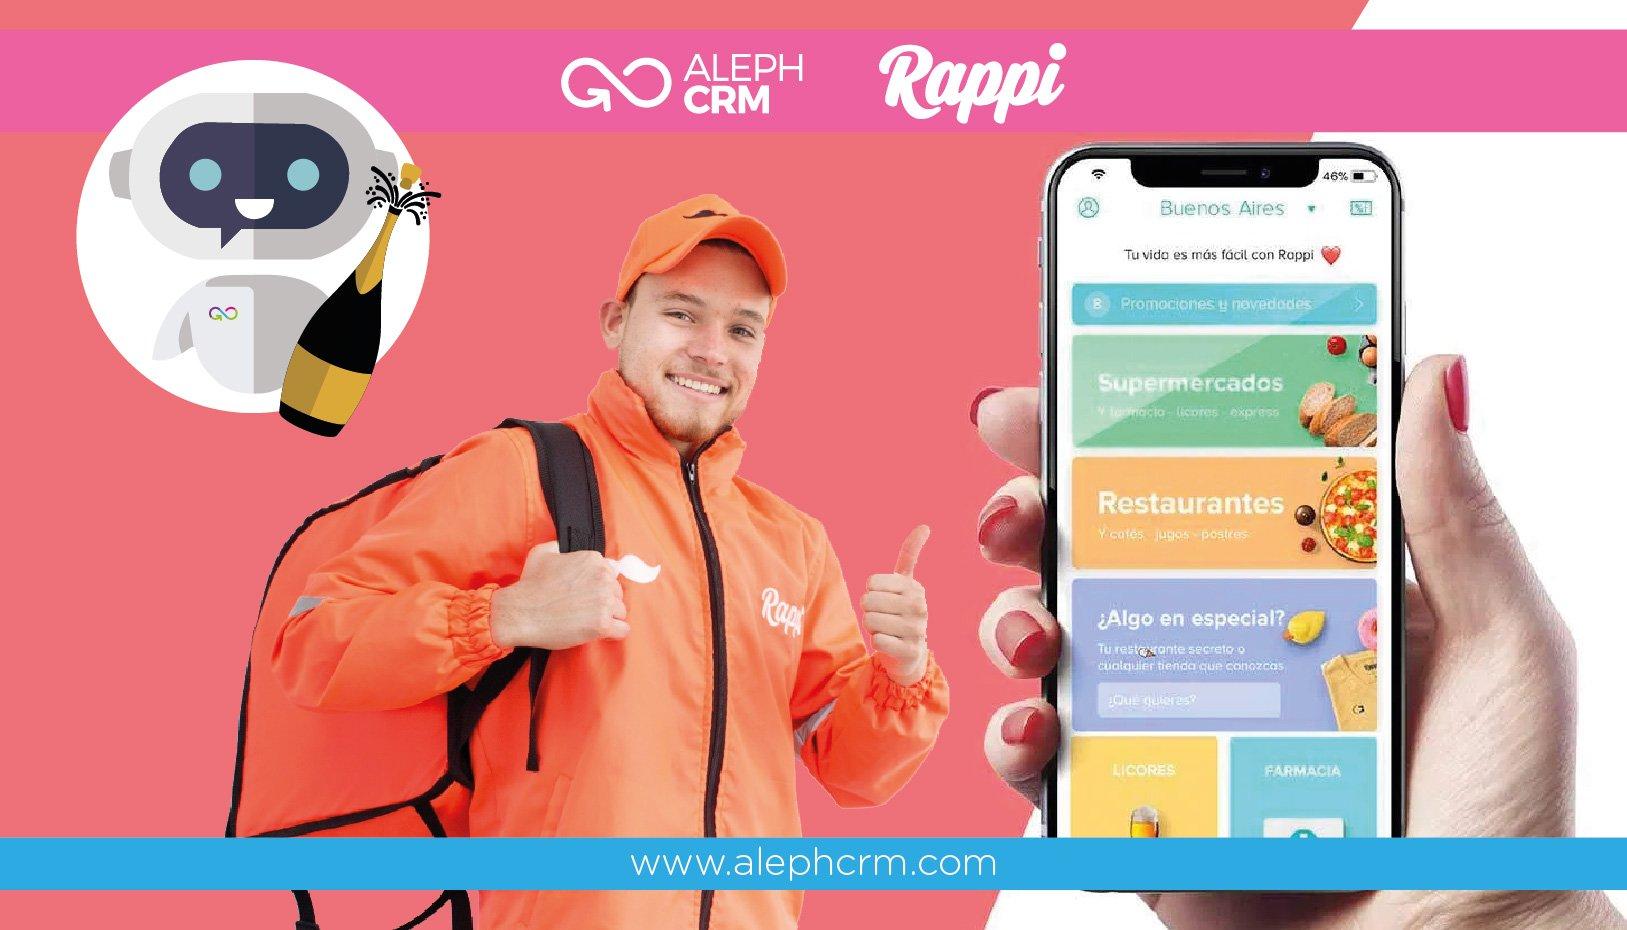 AlephCRM y Rappi, una alianza que promete el crecimiento del comercio electrónico de última milla